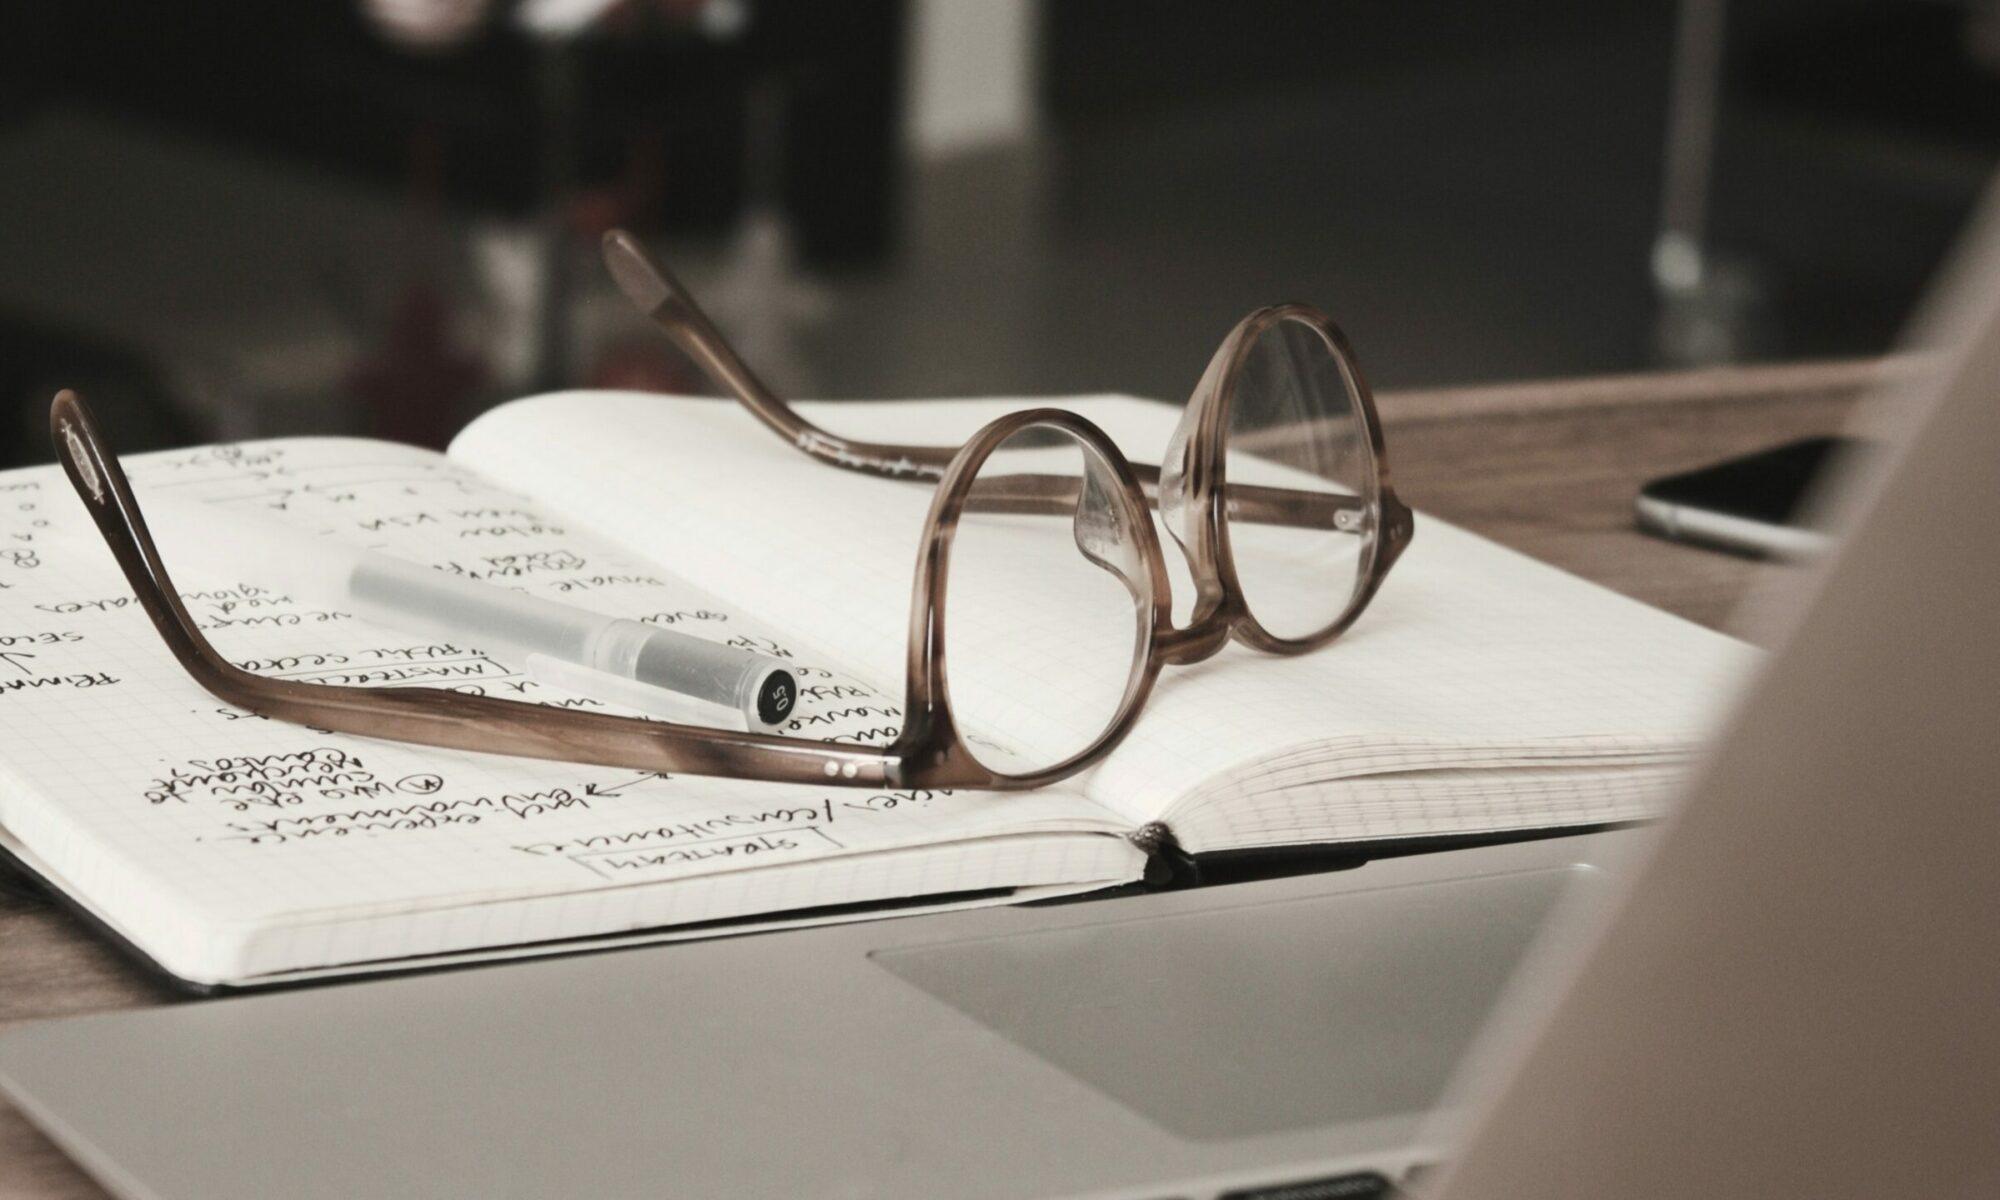 Écrire. réécrire. traduire